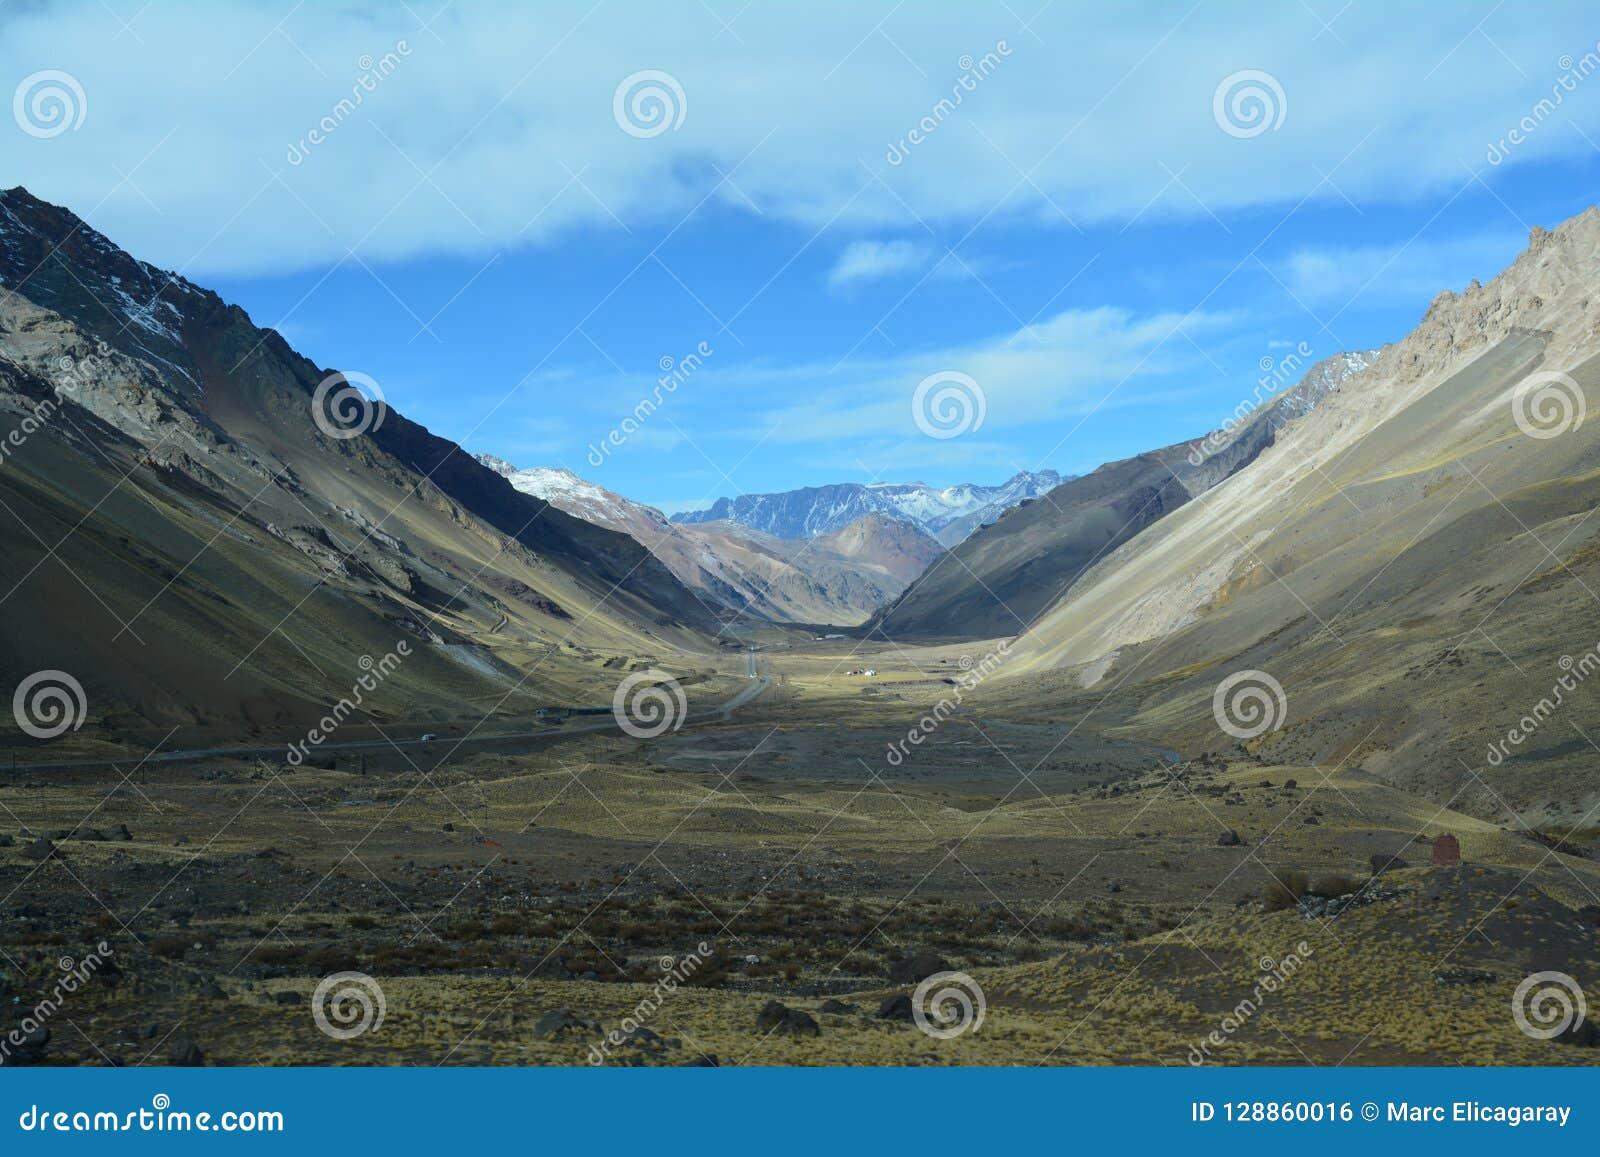 Toneelweg in de Bergen van de Andes tussen Chili en Argentinië